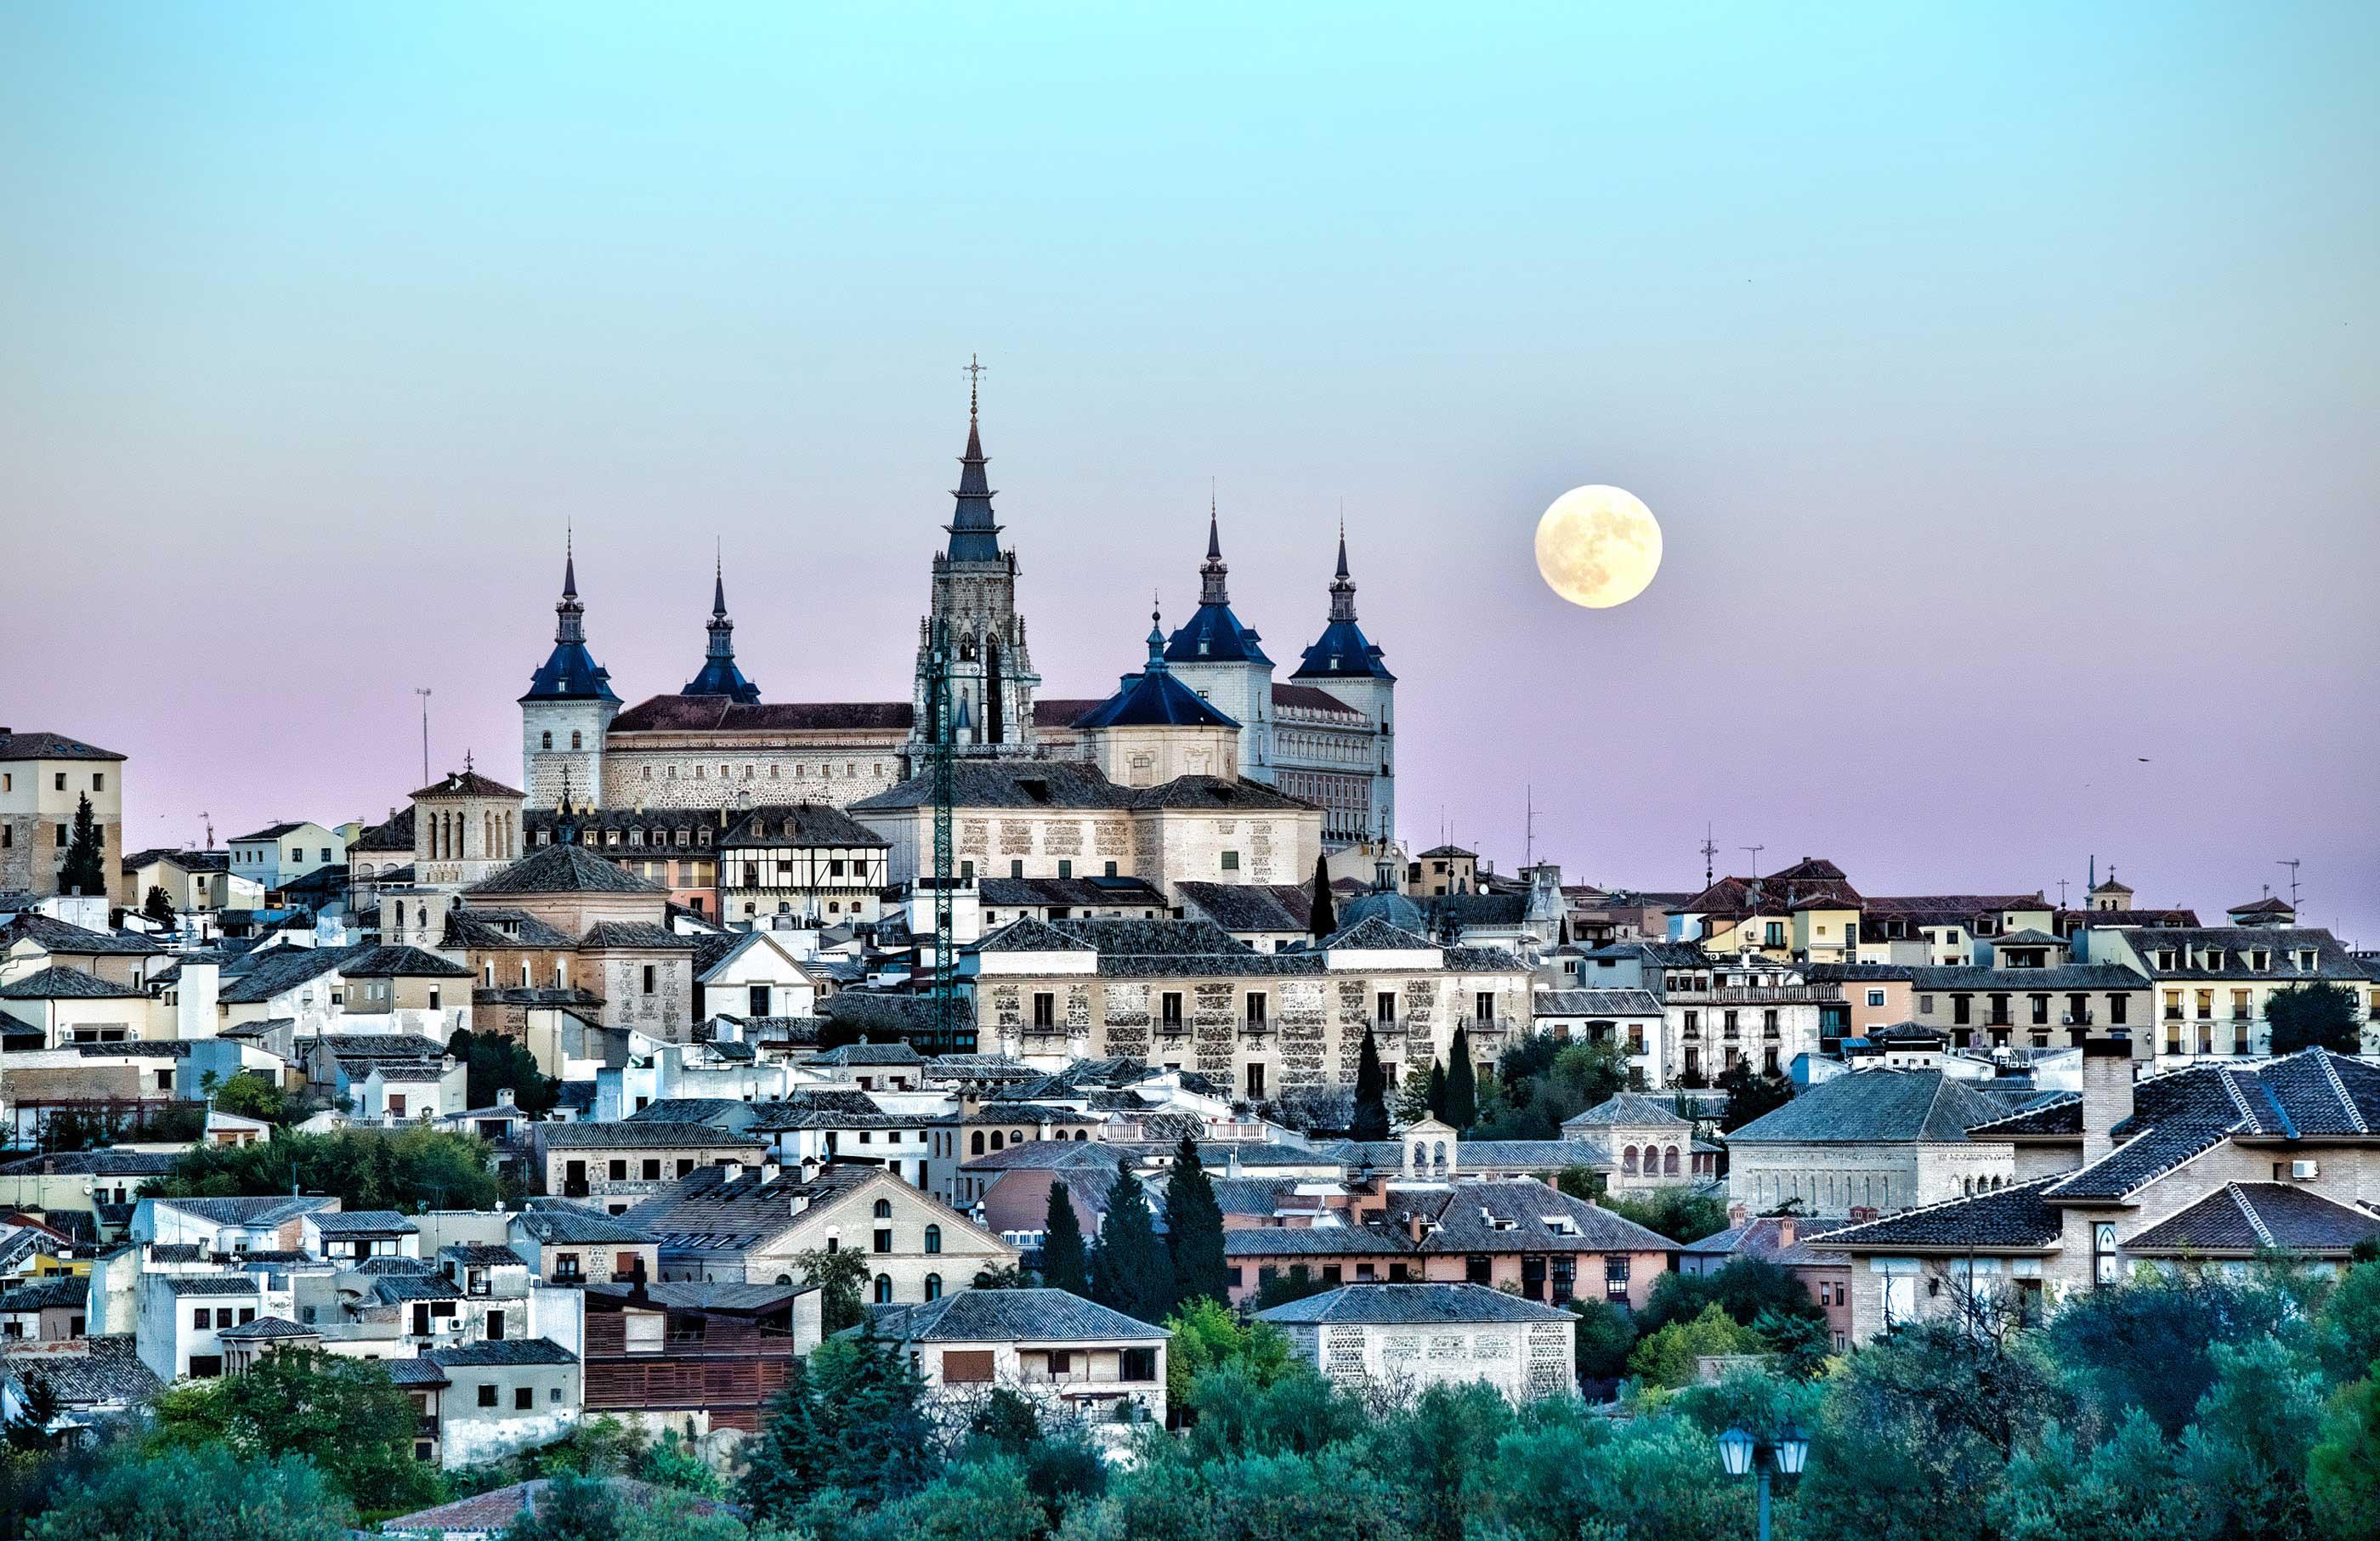 Vista panorámica de Toledo, al atardecer, con la torre de la Catedral y el Alcázar bajo una luna llena